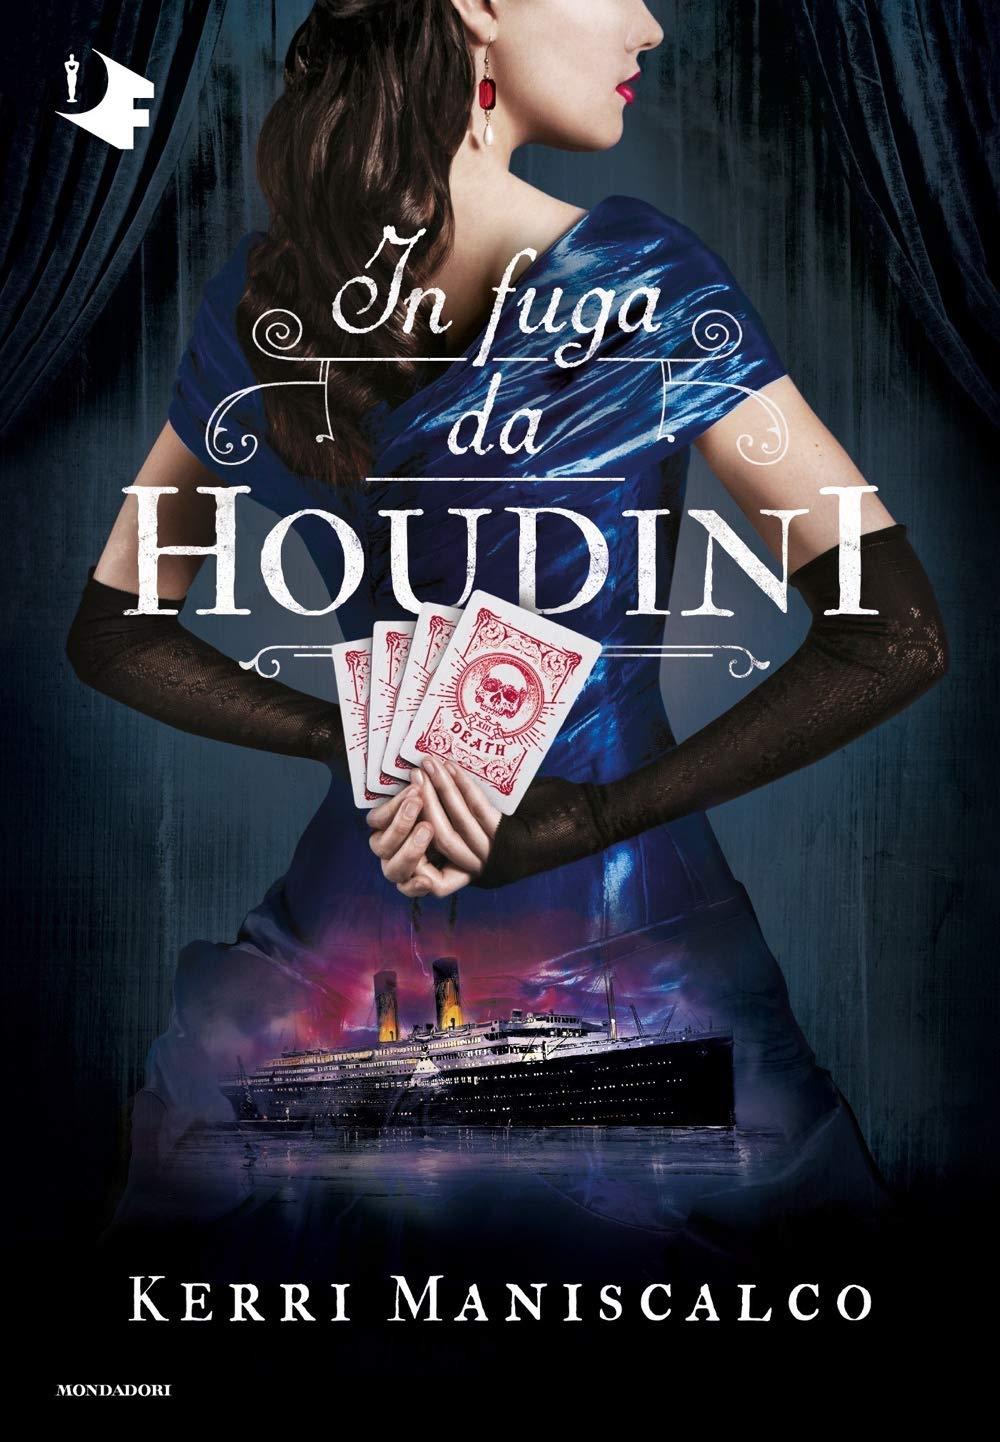 In fuga da Houdini